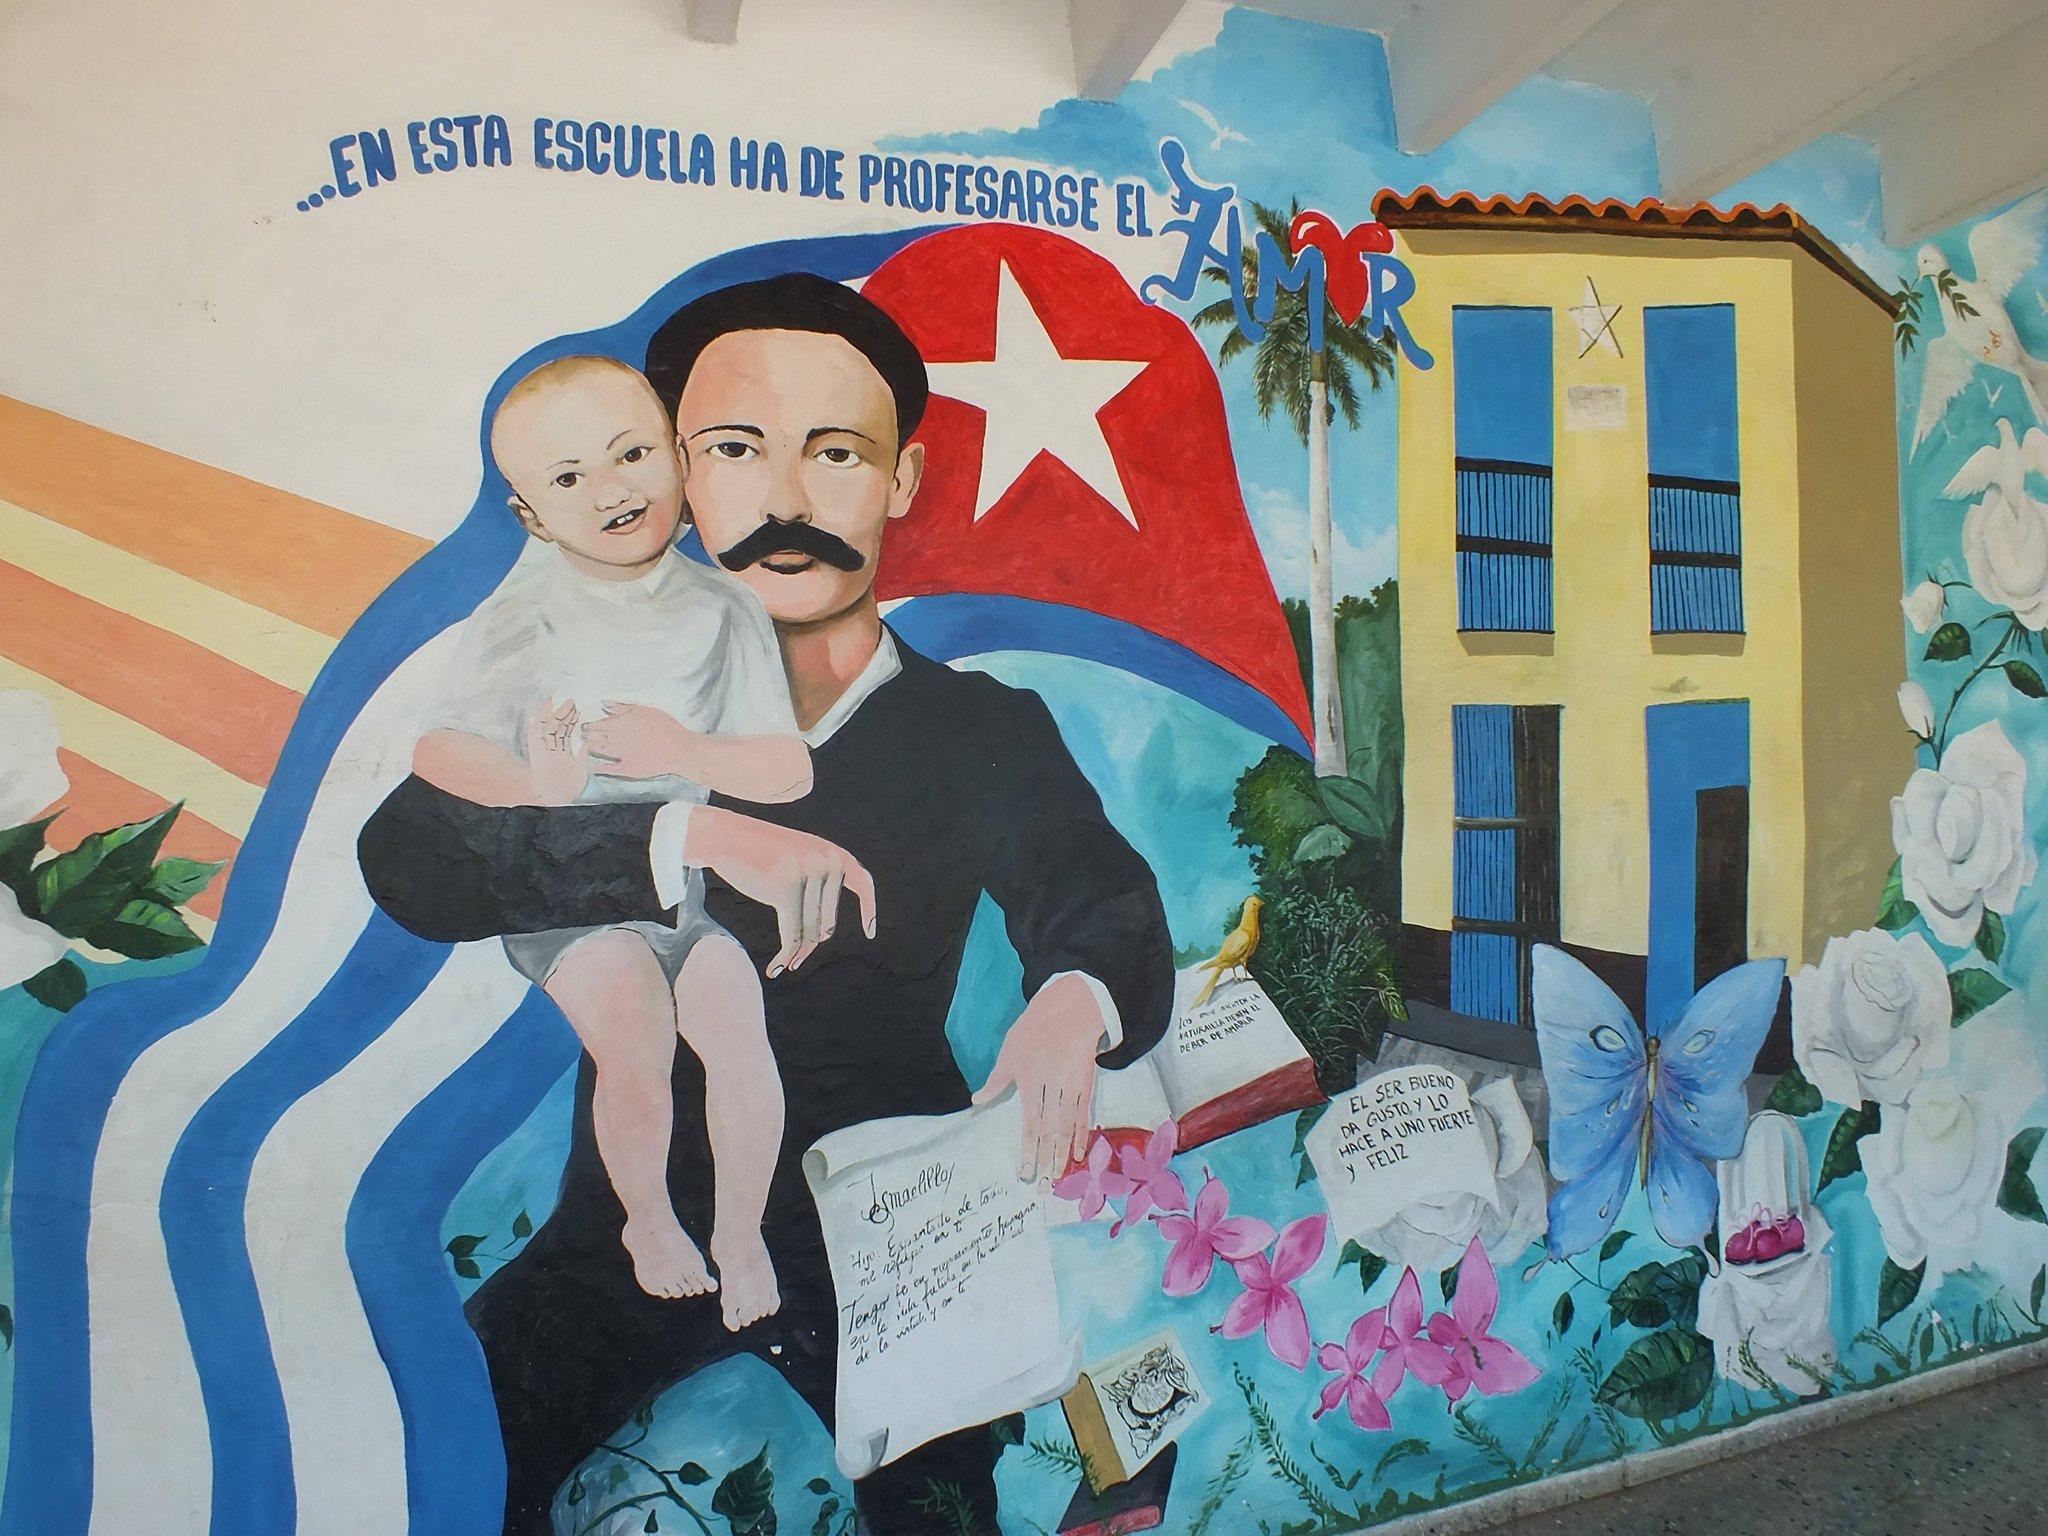 Pintura de José Martí en una de las paredes de la escuela Solidaridad con Panamá